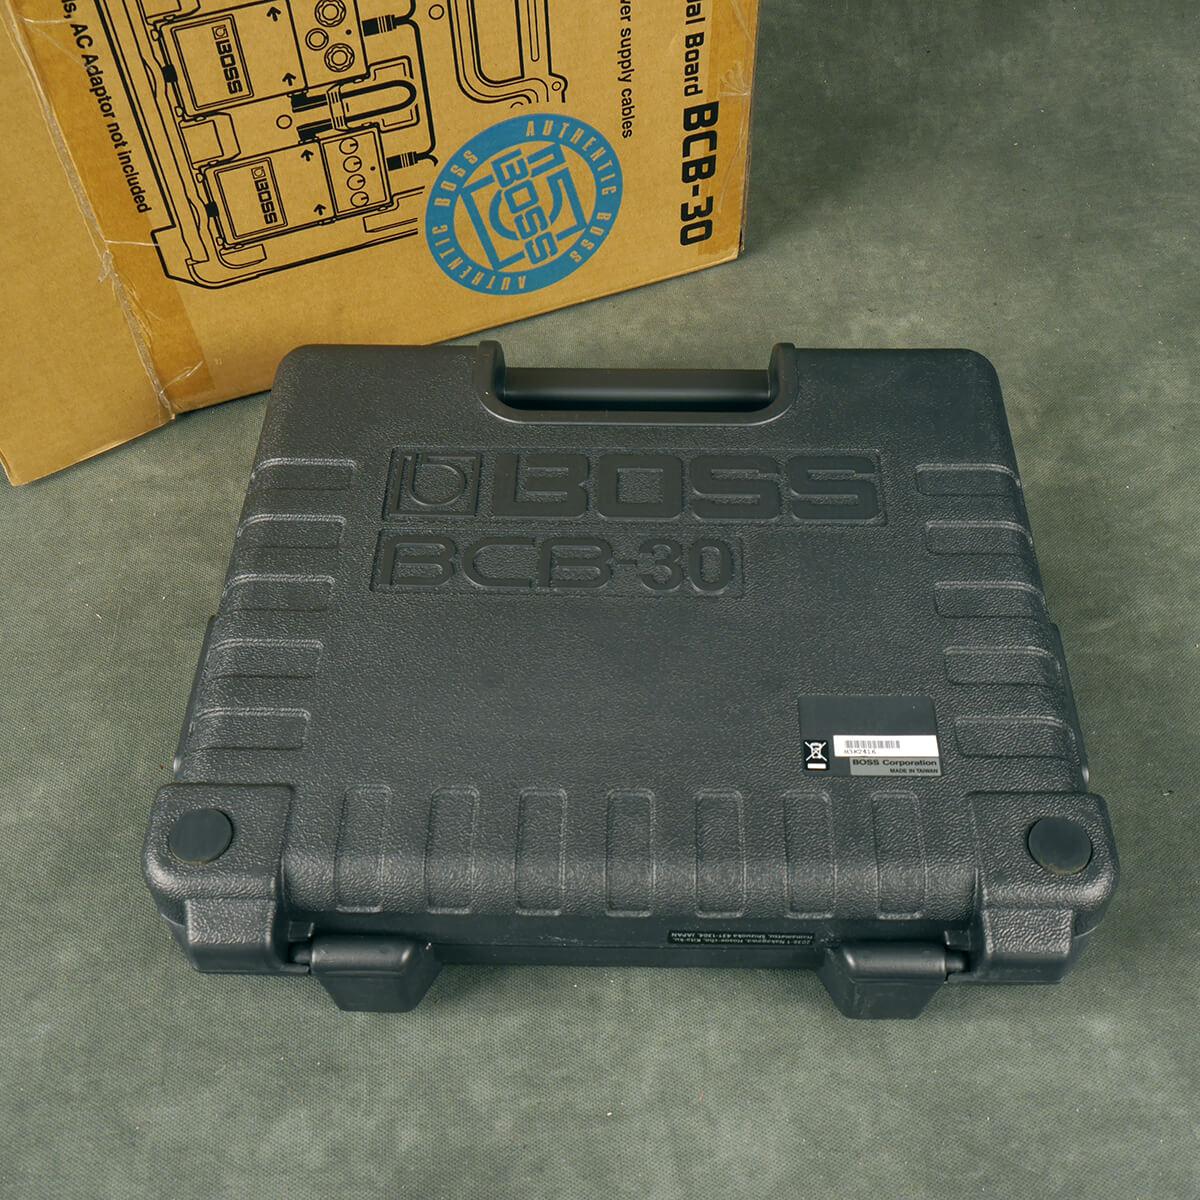 Boss BCB-30 Pedalboard w/Box - 2nd Hand